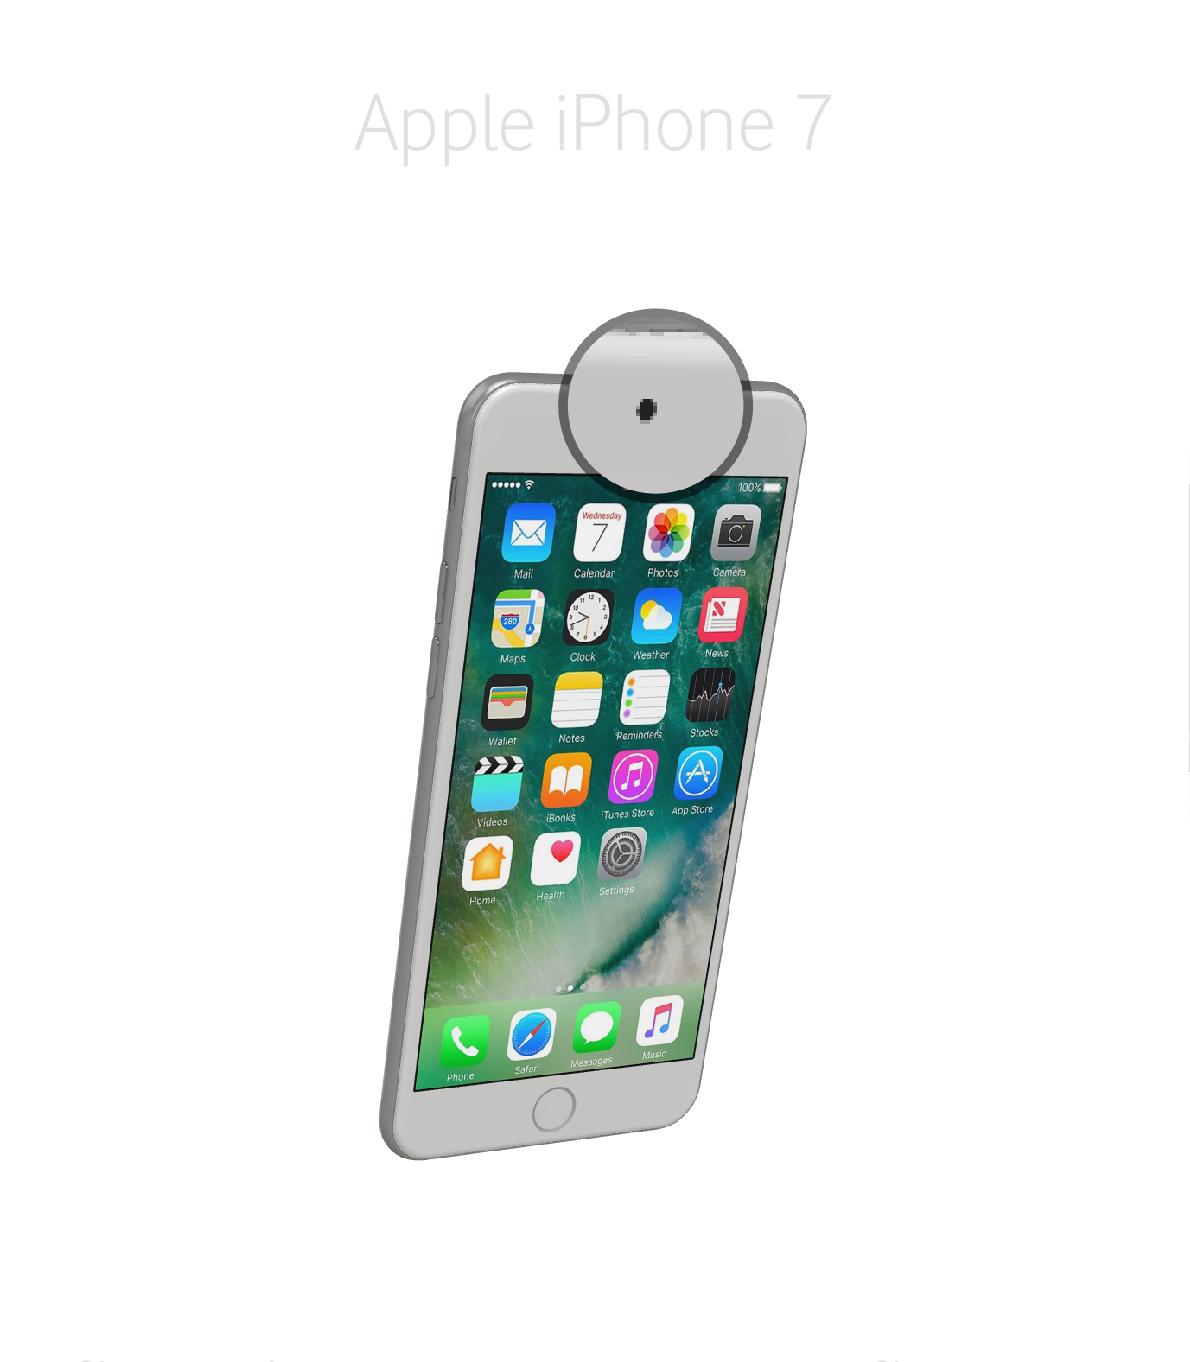 Laga kamera (selfie) iPhone 7